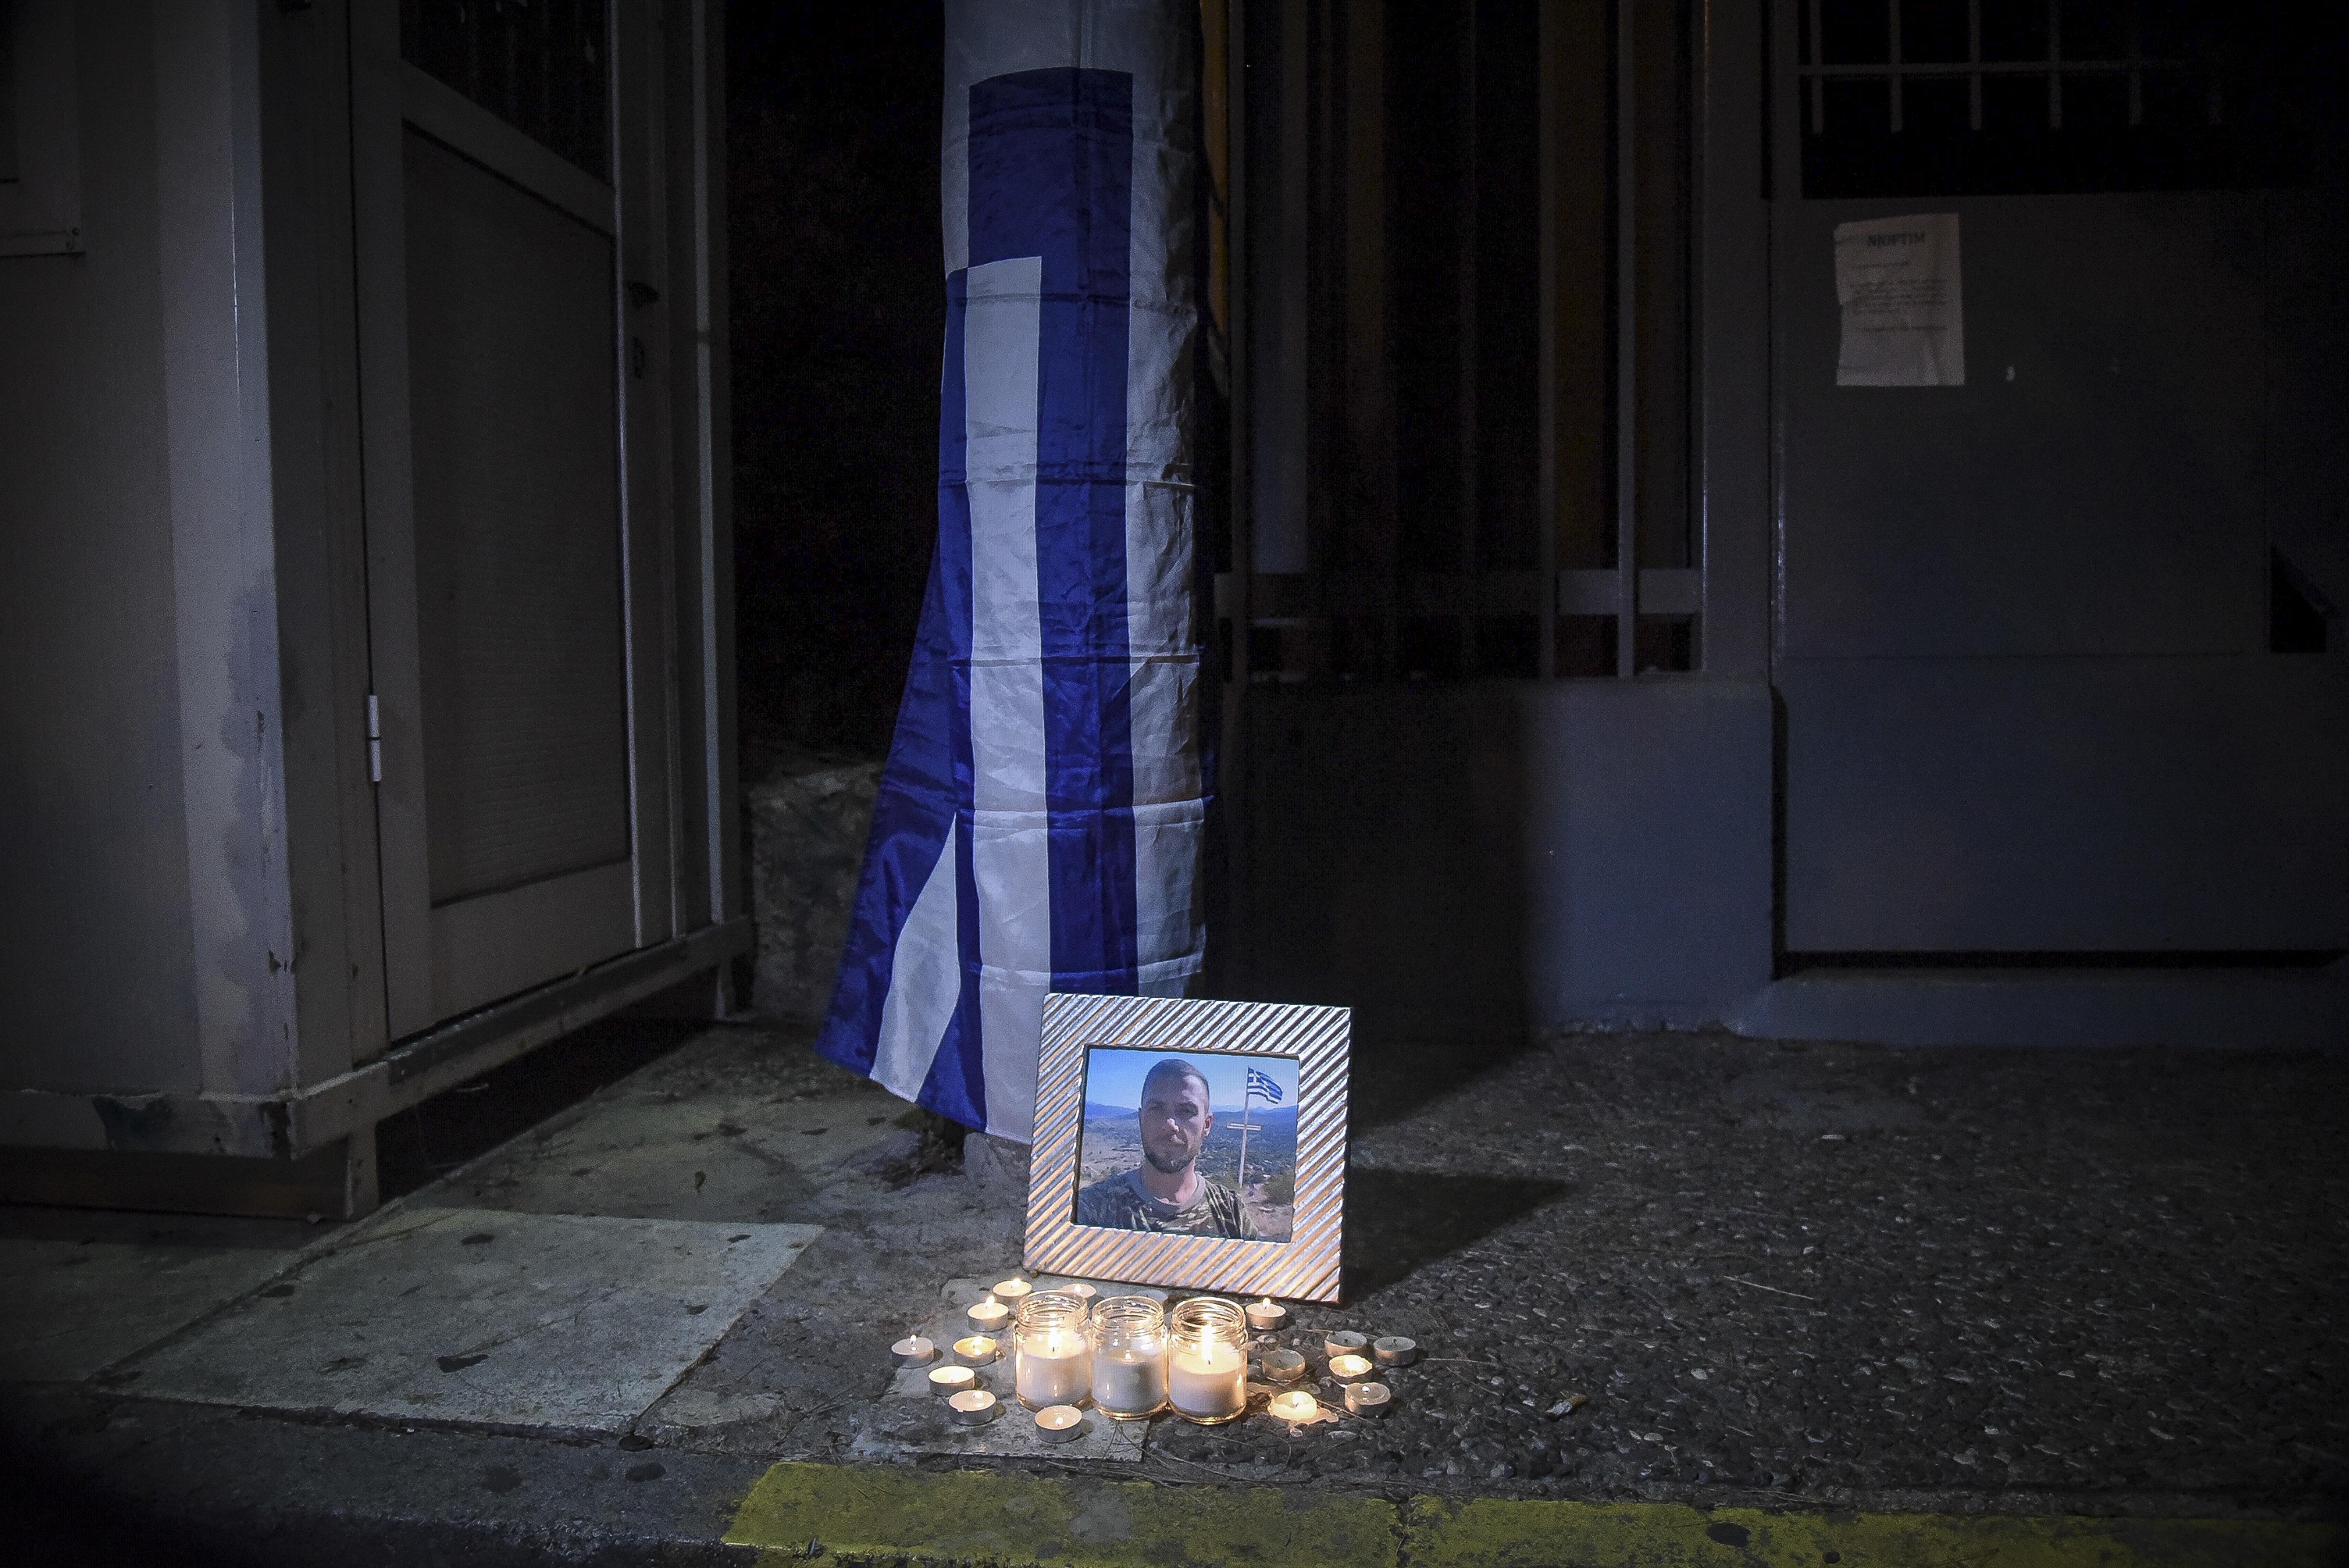 Διάβημα από ΥΠΕΞ για τον θάνατο του ομογενή στην Αλβανία – Τι λέει η